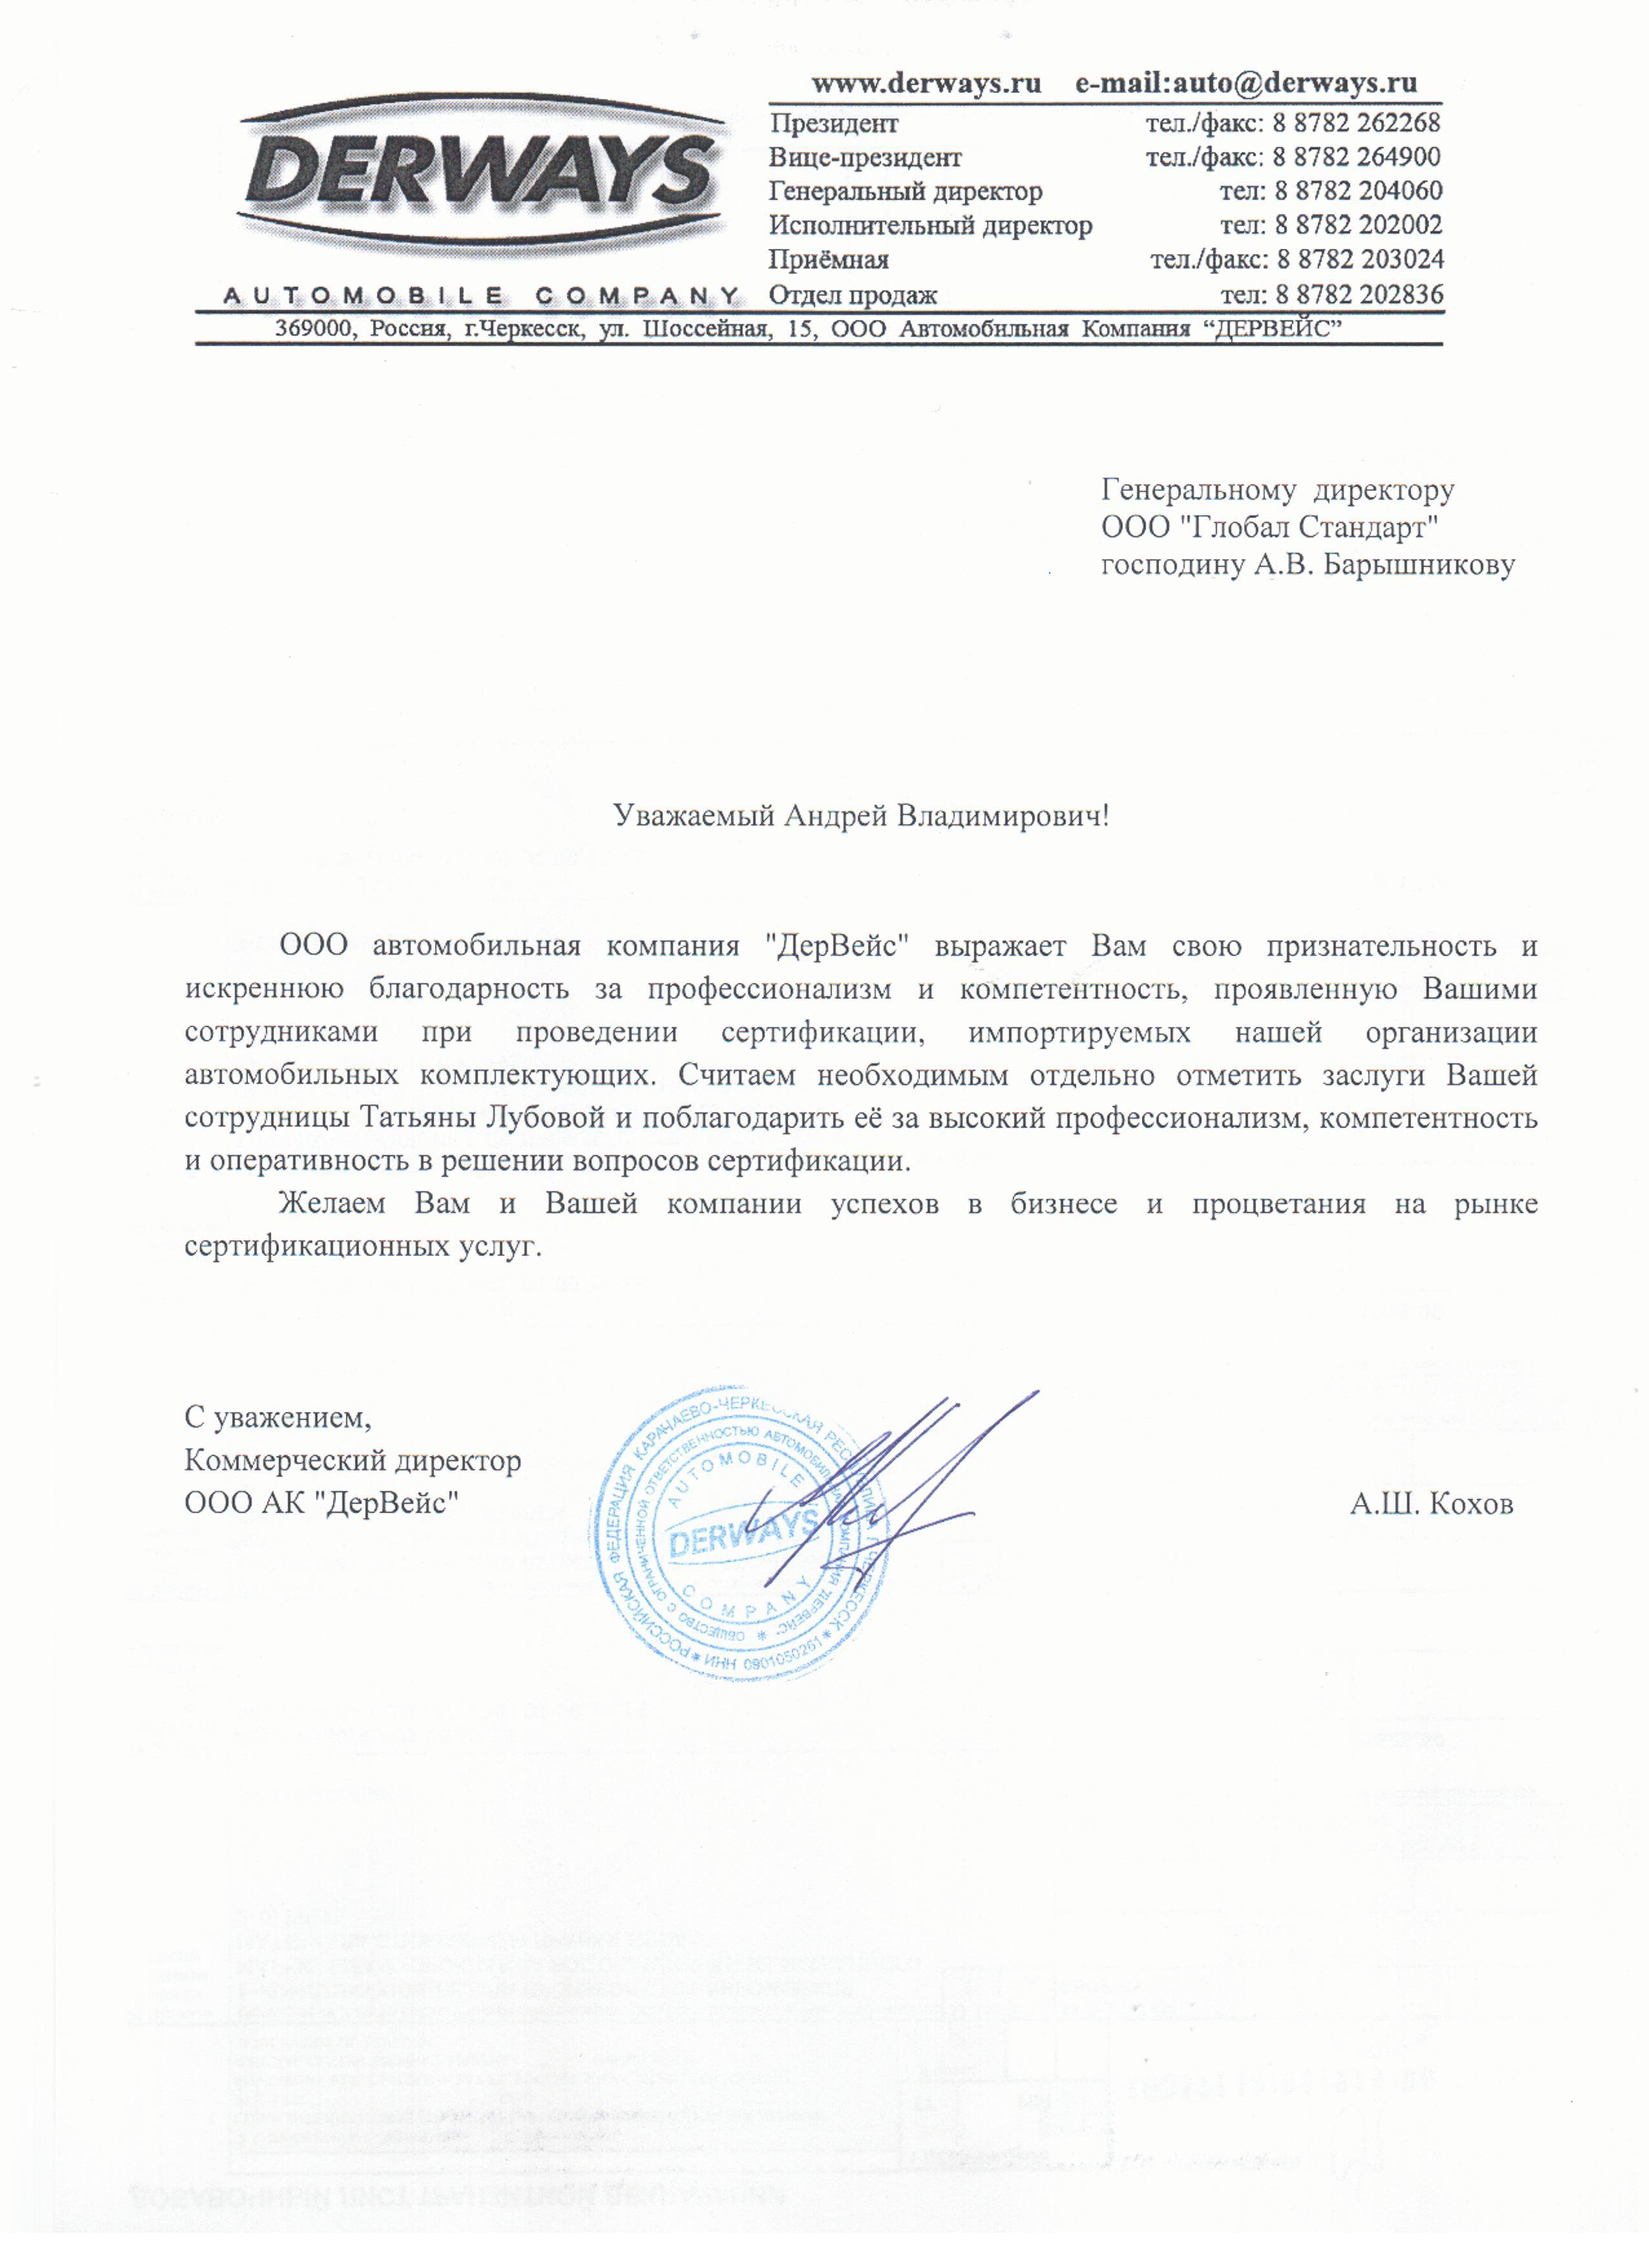 благодарственное-письмо-в-орган-по-сертификации-дервейс